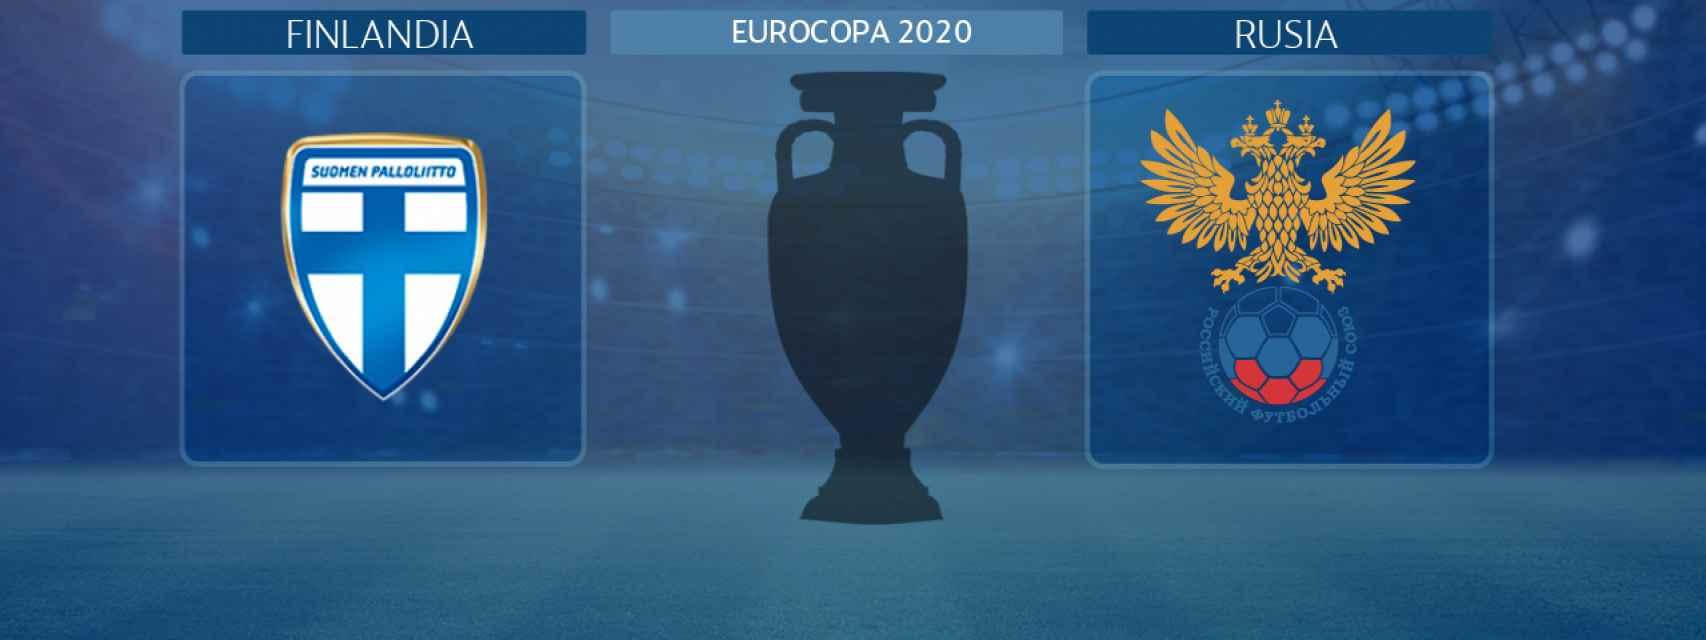 Finlandia - Rusia, partido de la Eurocopa 2020